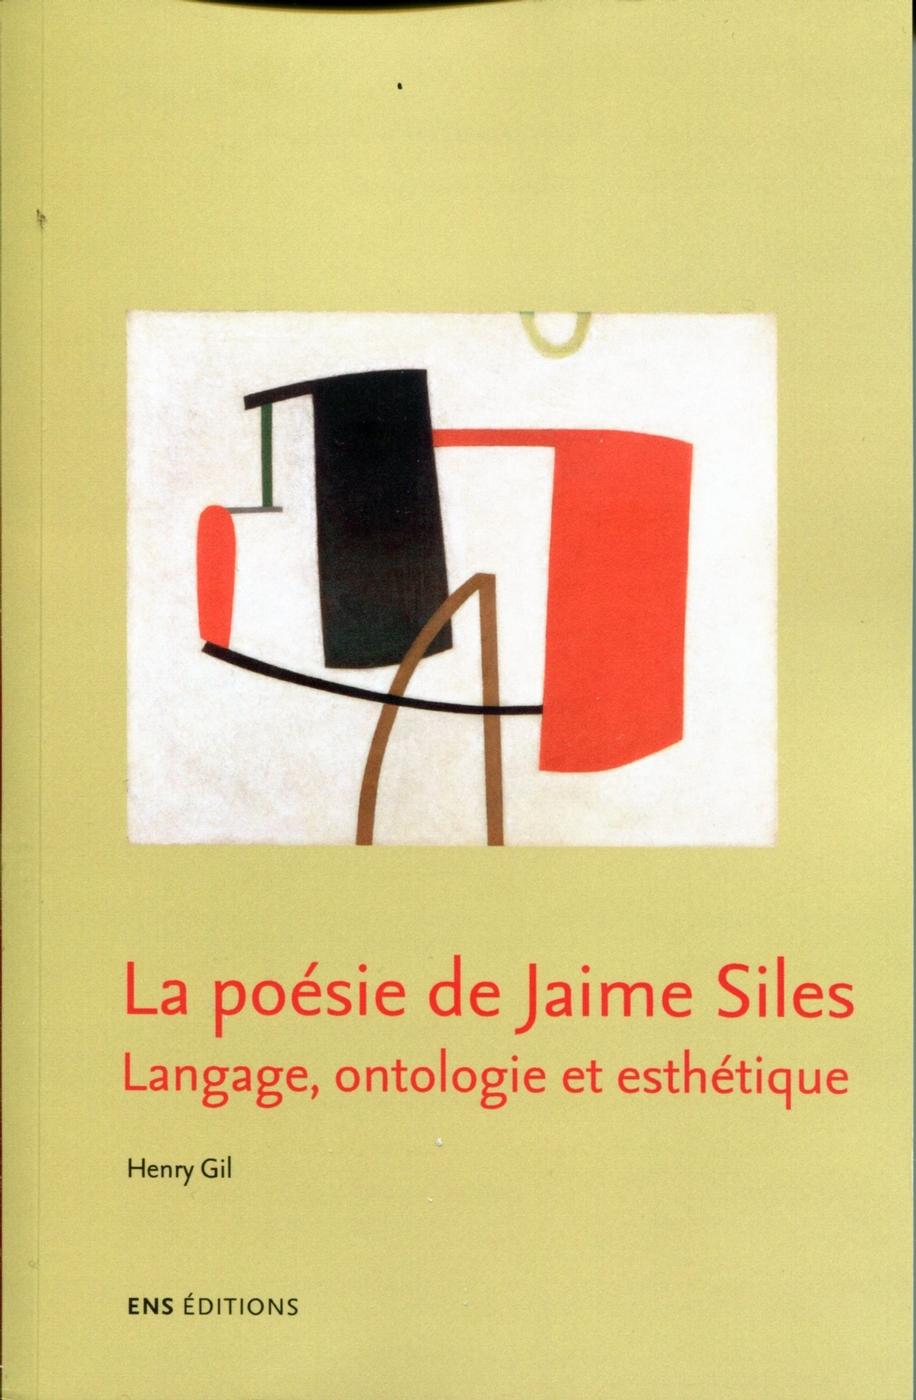 H. Gil, La Poésie de Jaime Siles - Langage, ontologie et esthétique